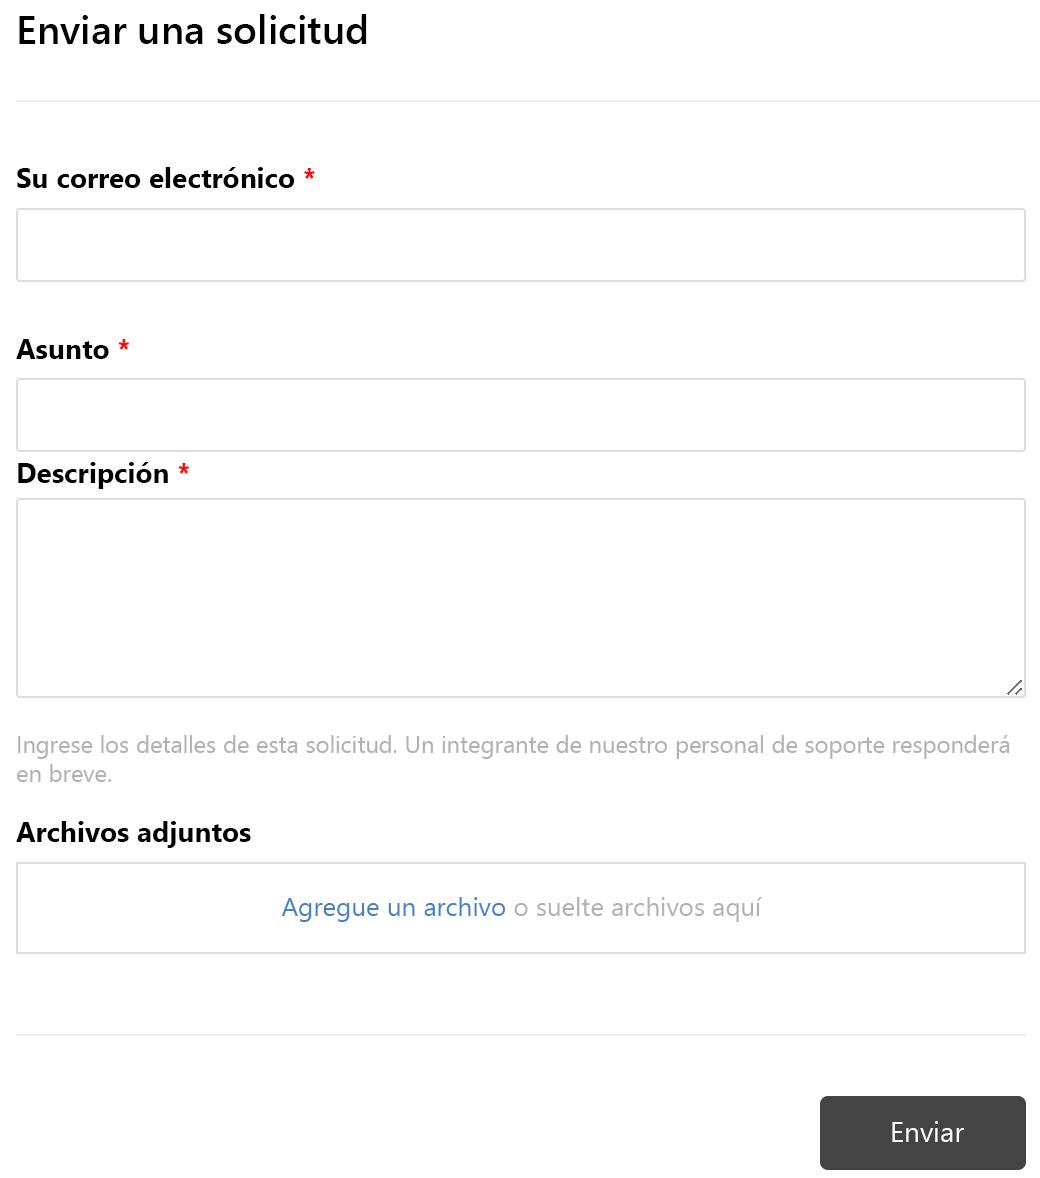 enviar formulario de solicitud